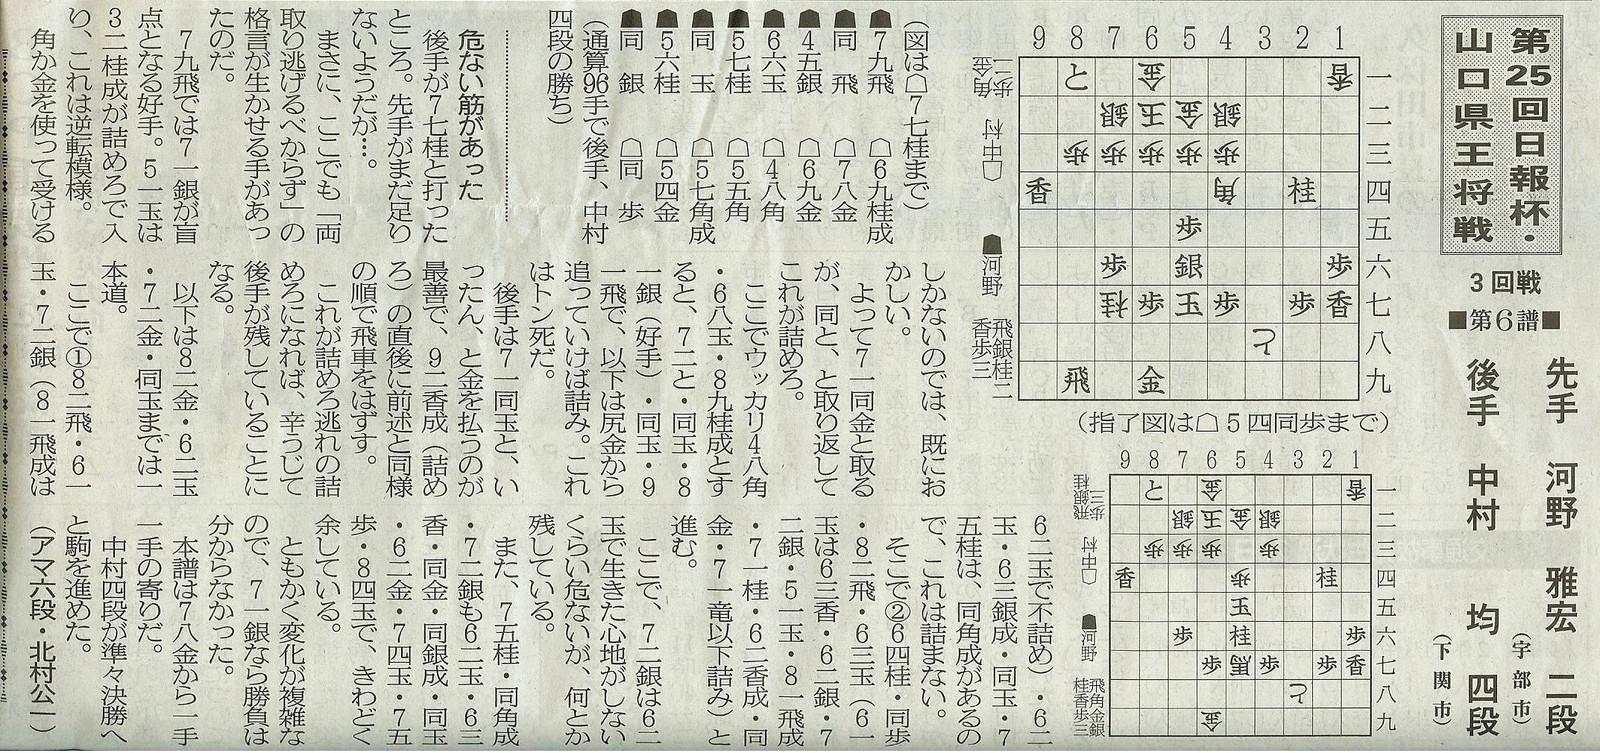 第25回日報杯・山口県王将戦第3回戦■第6譜■